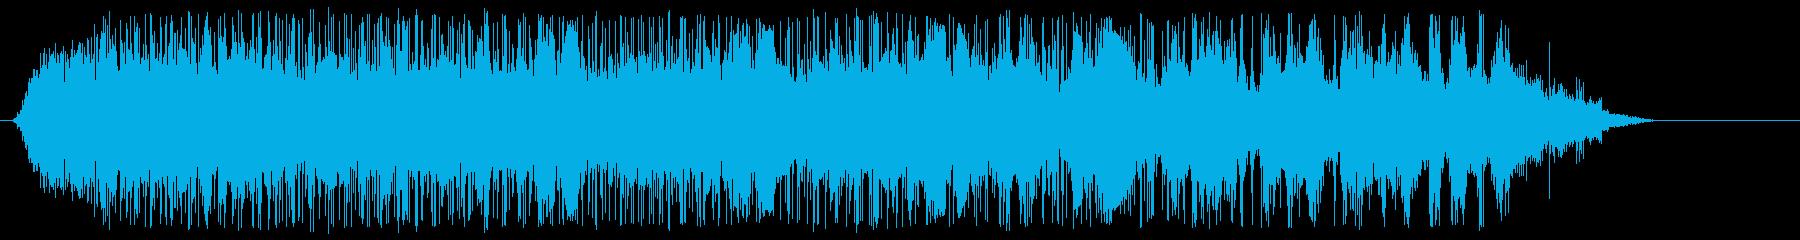 閉会前のサンフェルミンの再生済みの波形